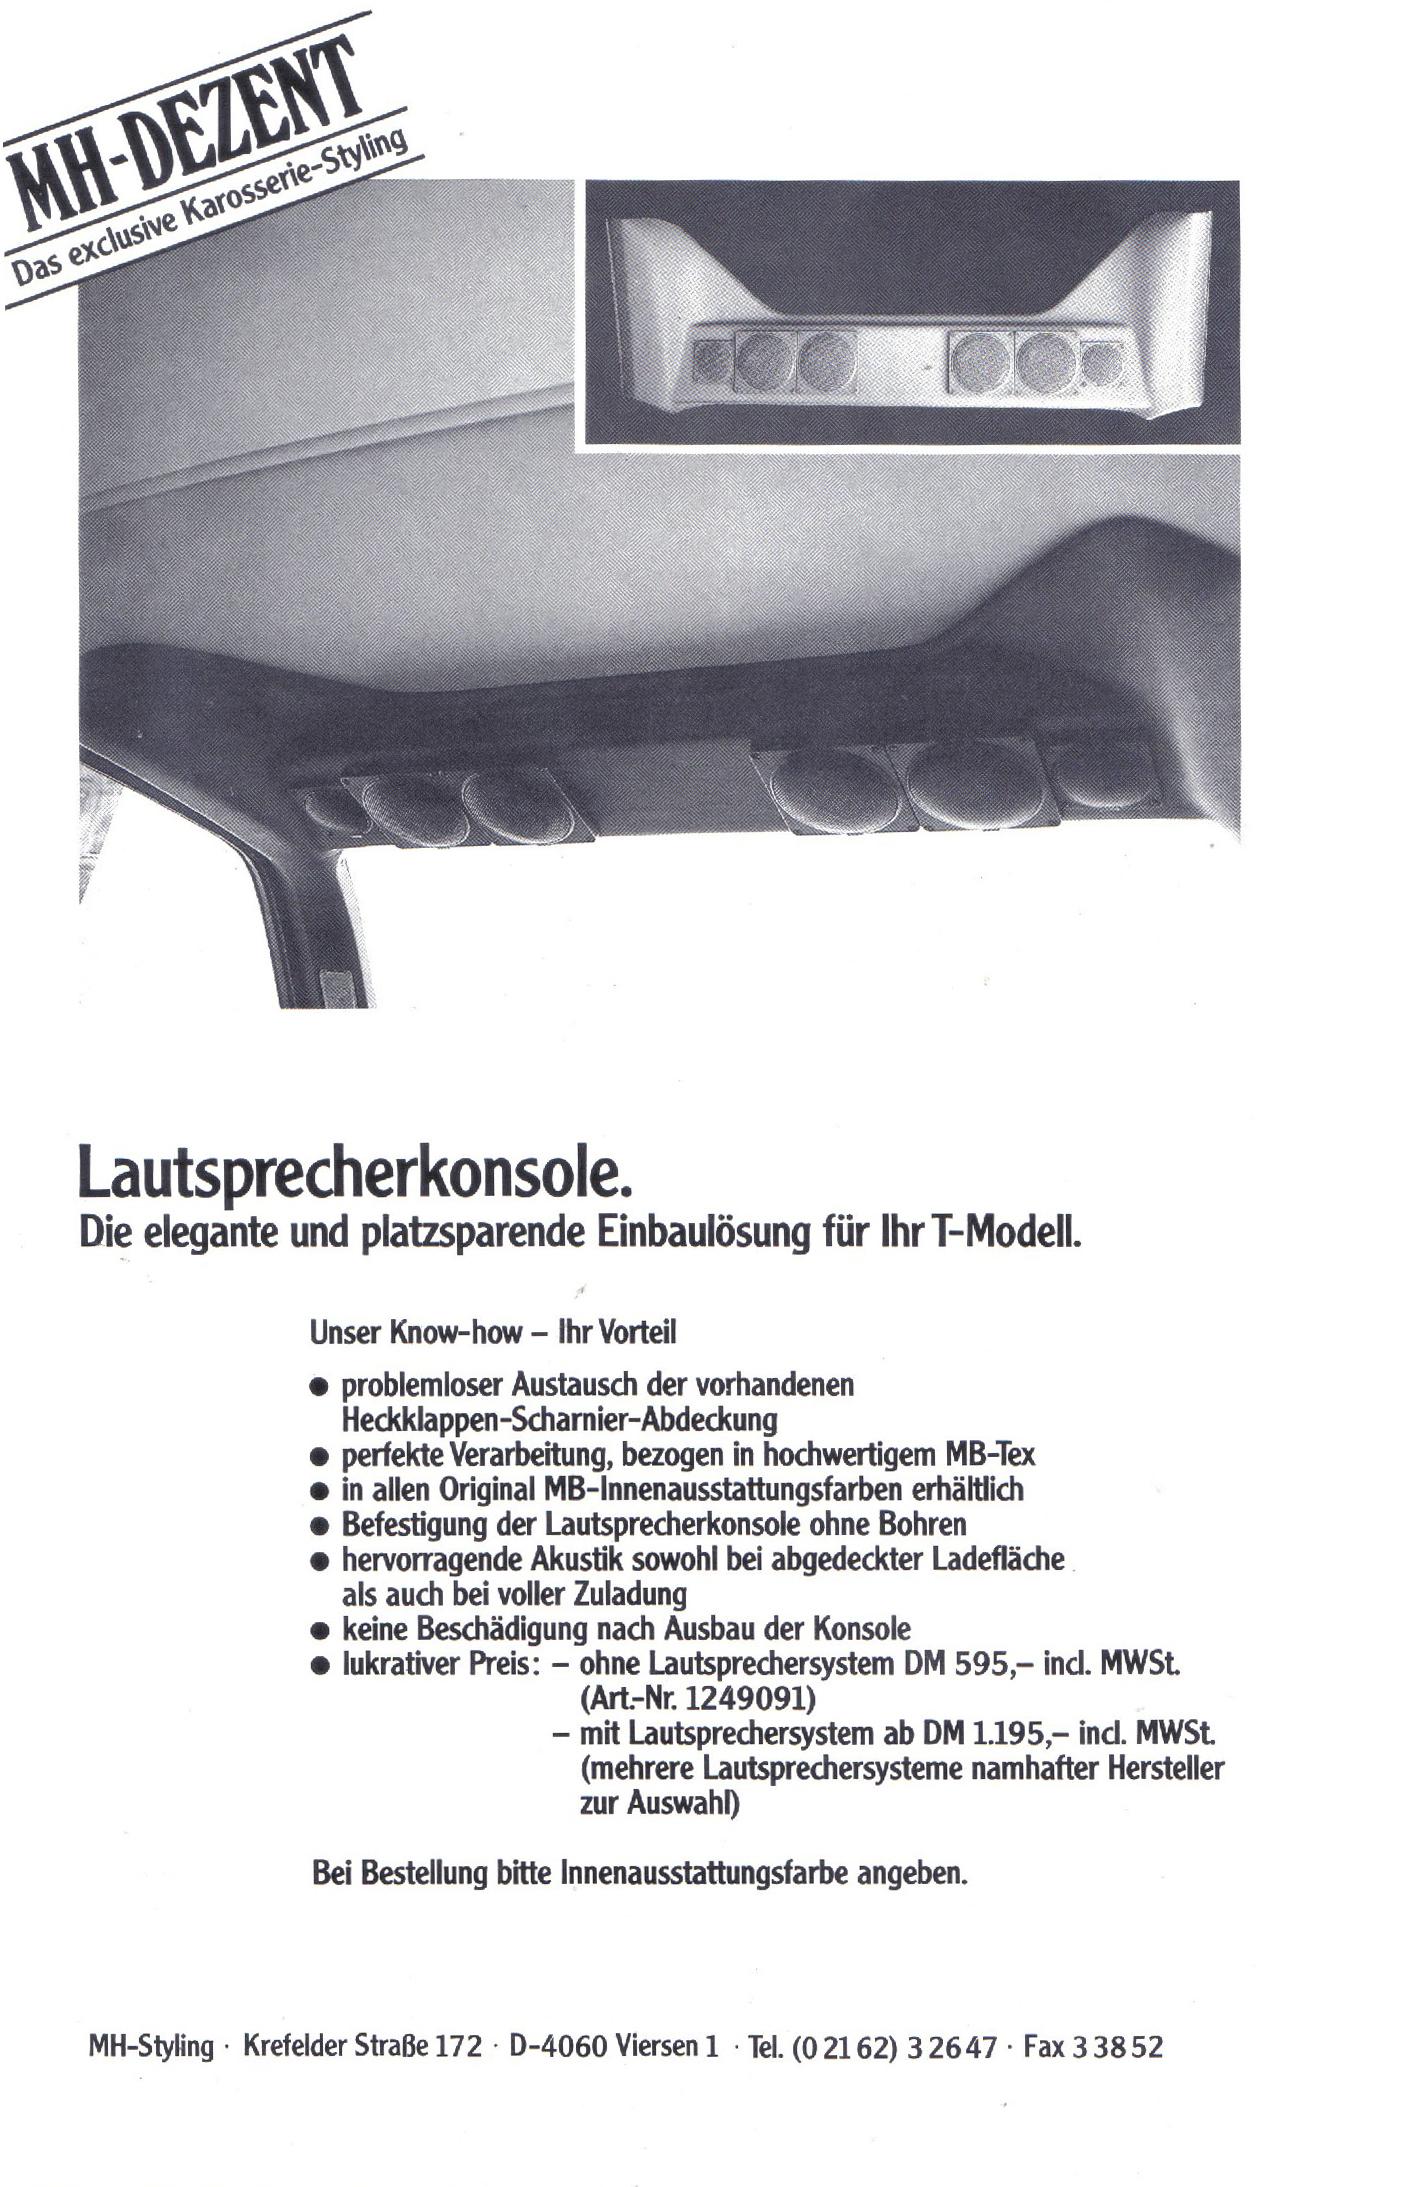 MH-Dezent_brochure_05.jpg